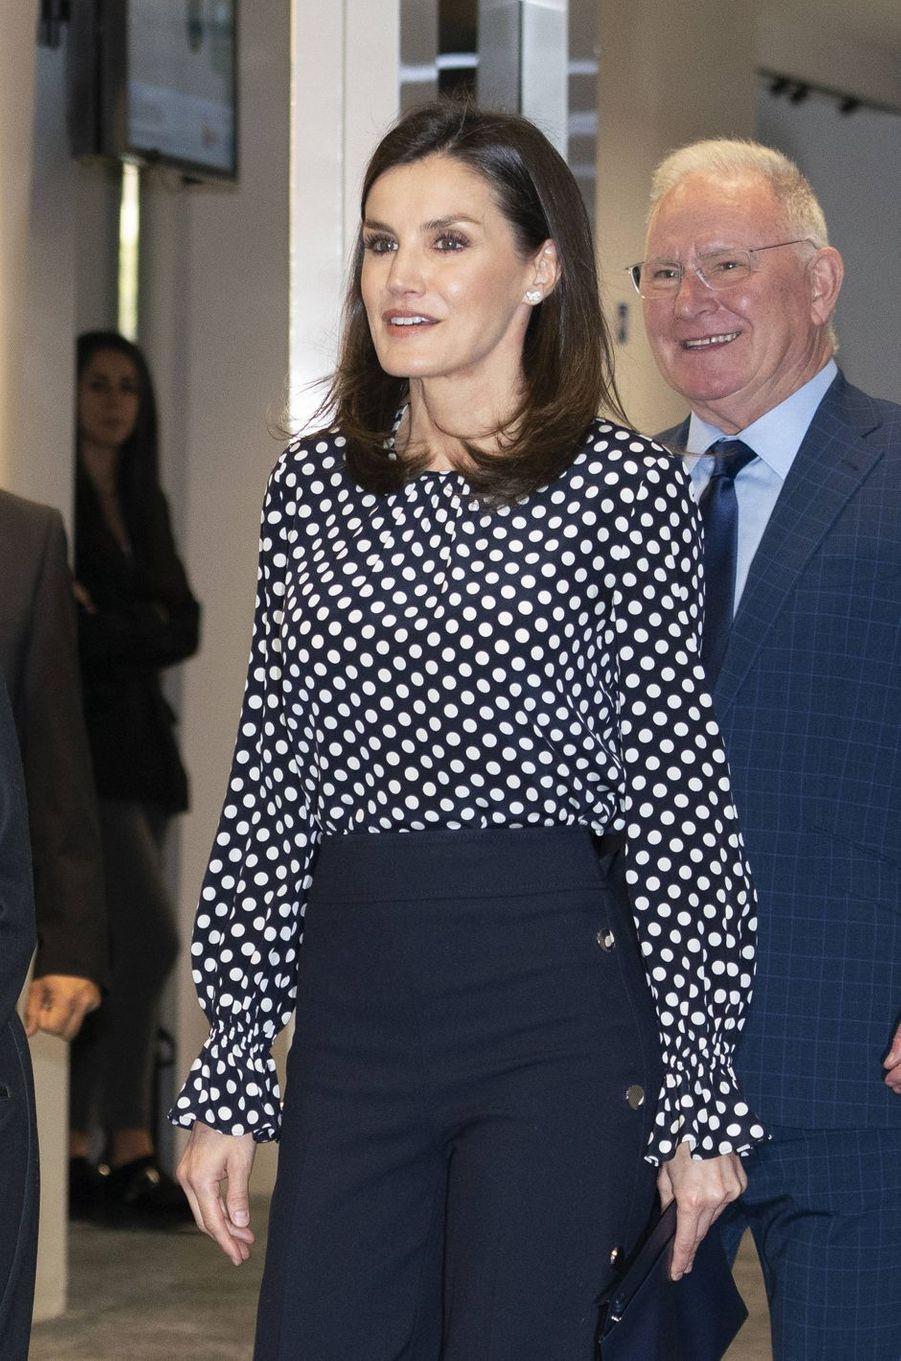 La reine Letizia d'Espagne à Madrid, le 3 avril 2019